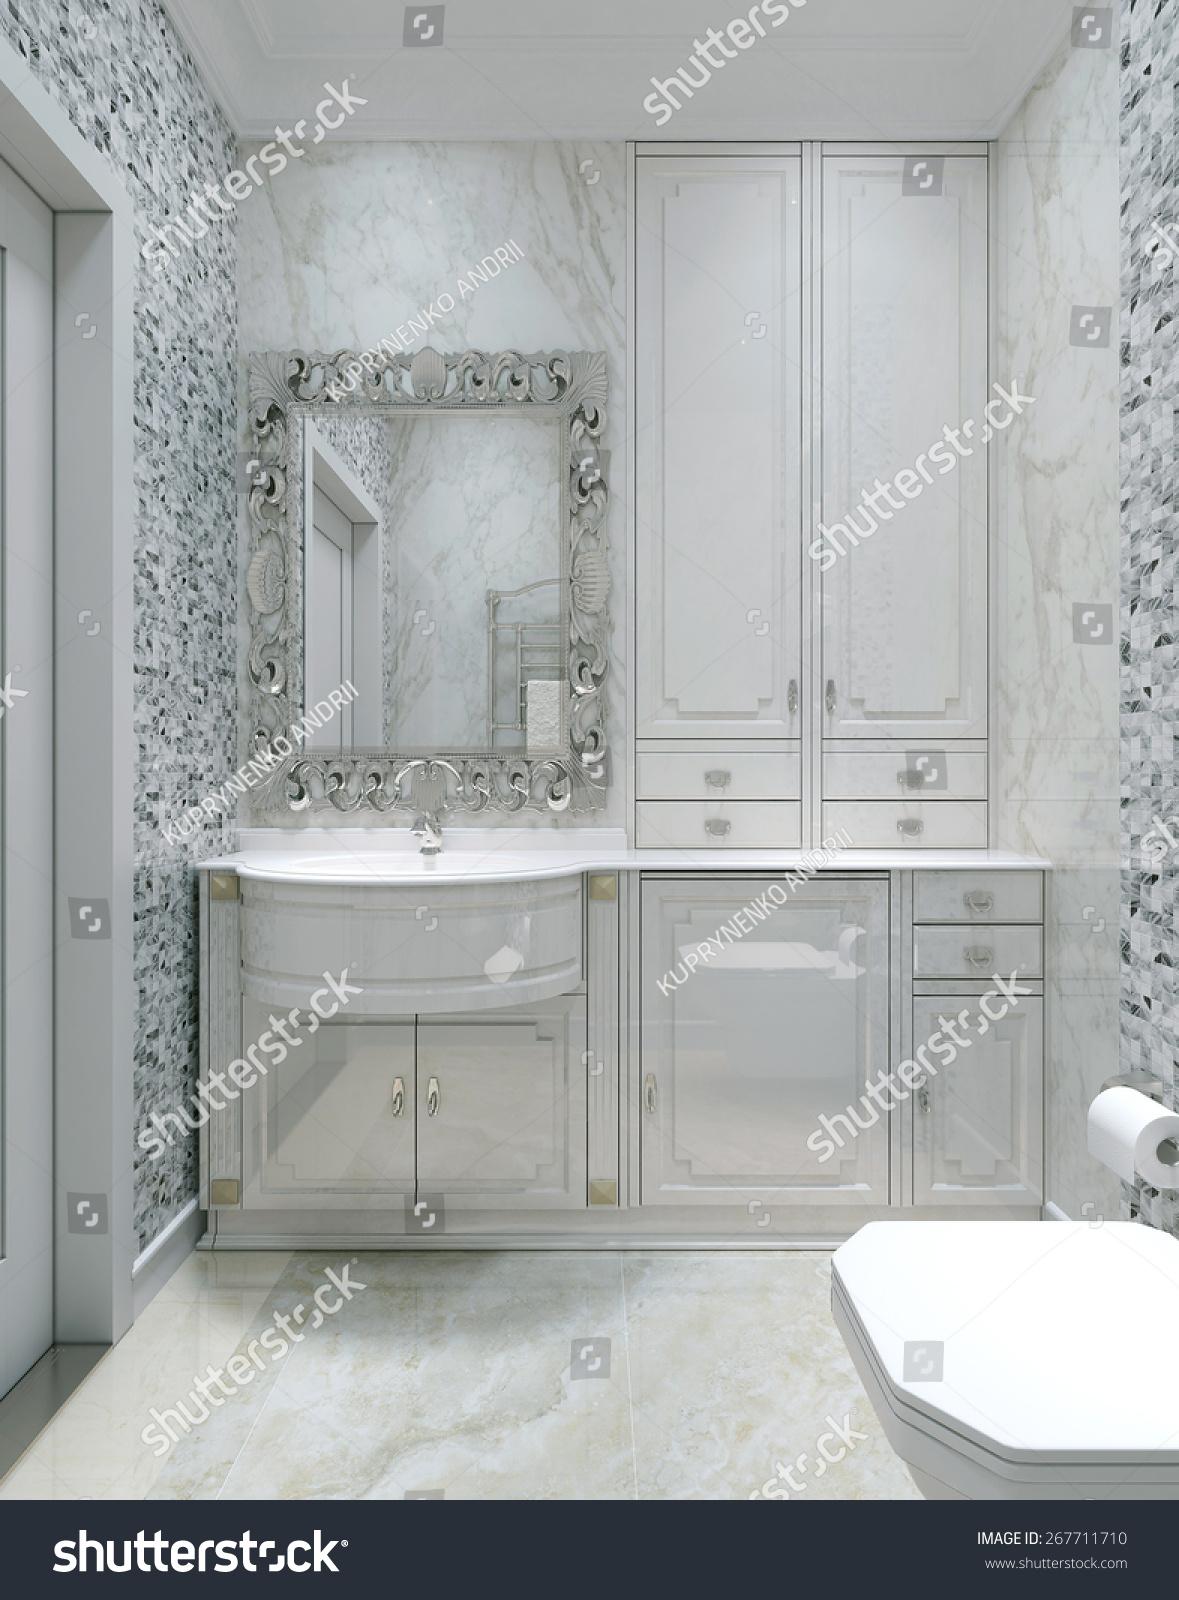 Antique style bathroom - Antique Style Bathroom 3d Render